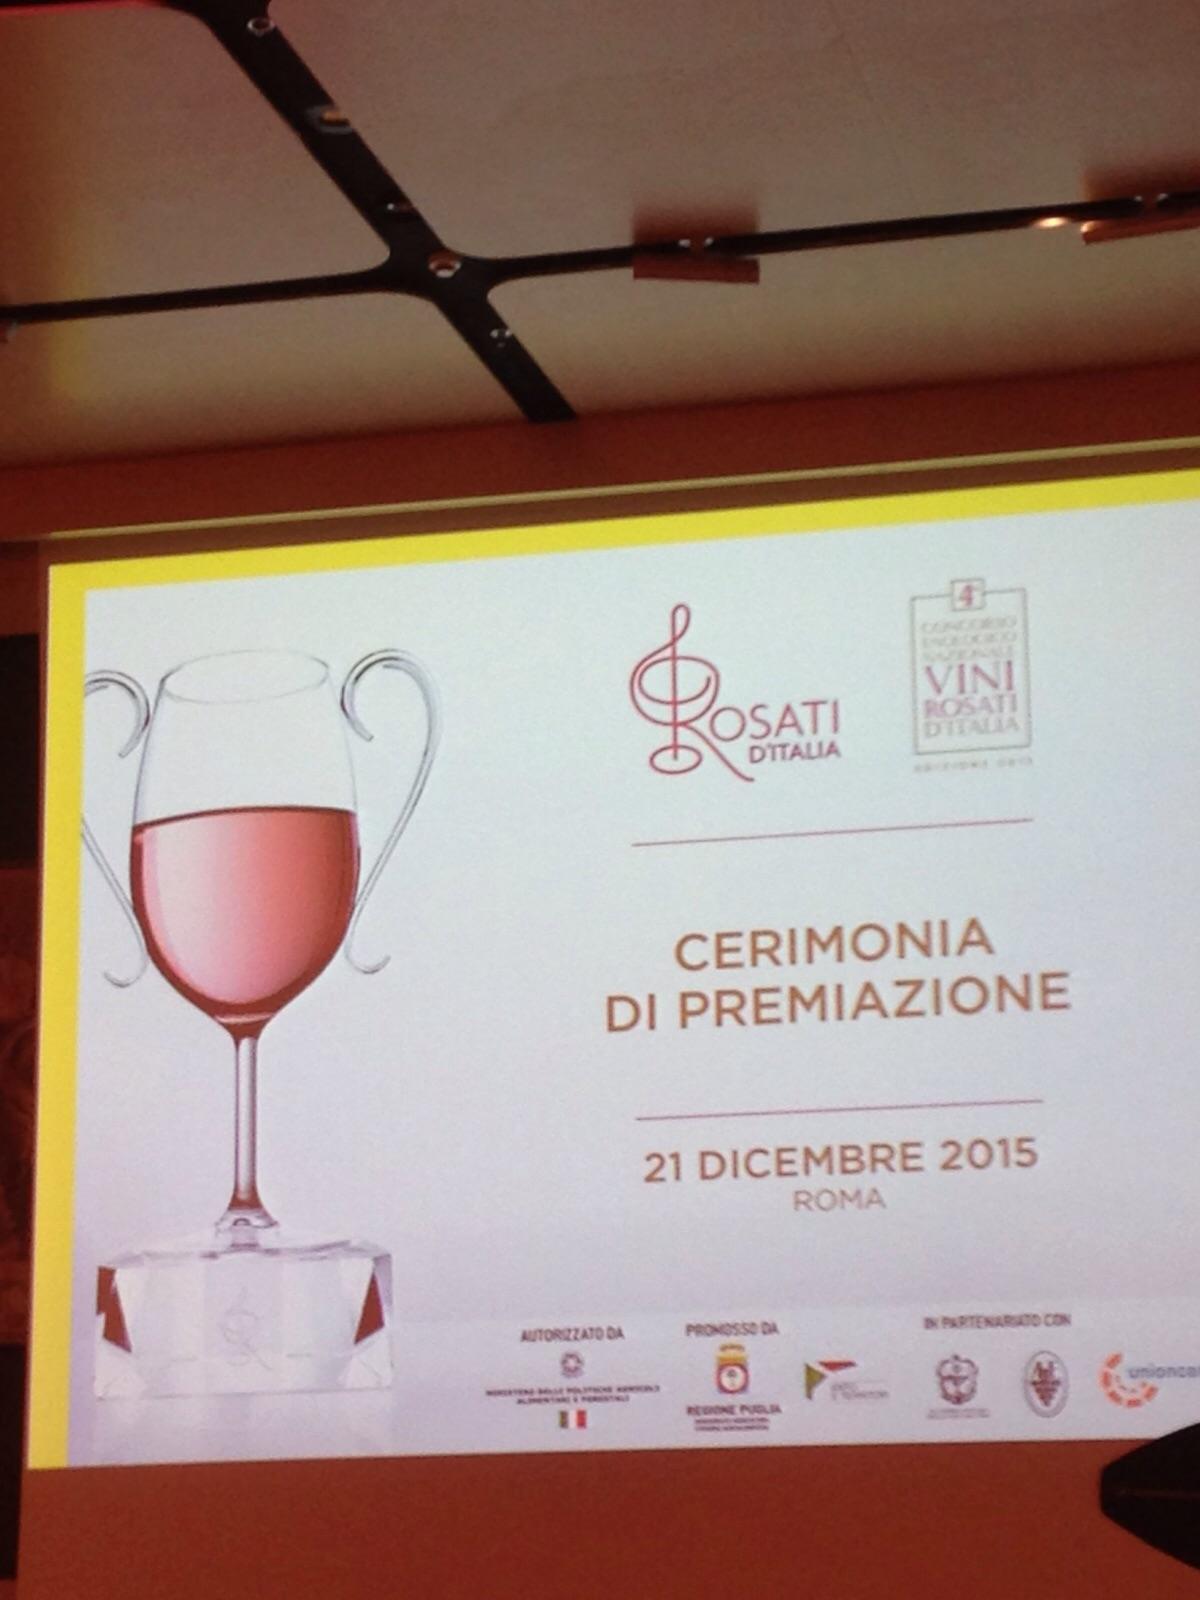 Arriva dai colli di Bergamo il migliore spumante rosé della Lombardia